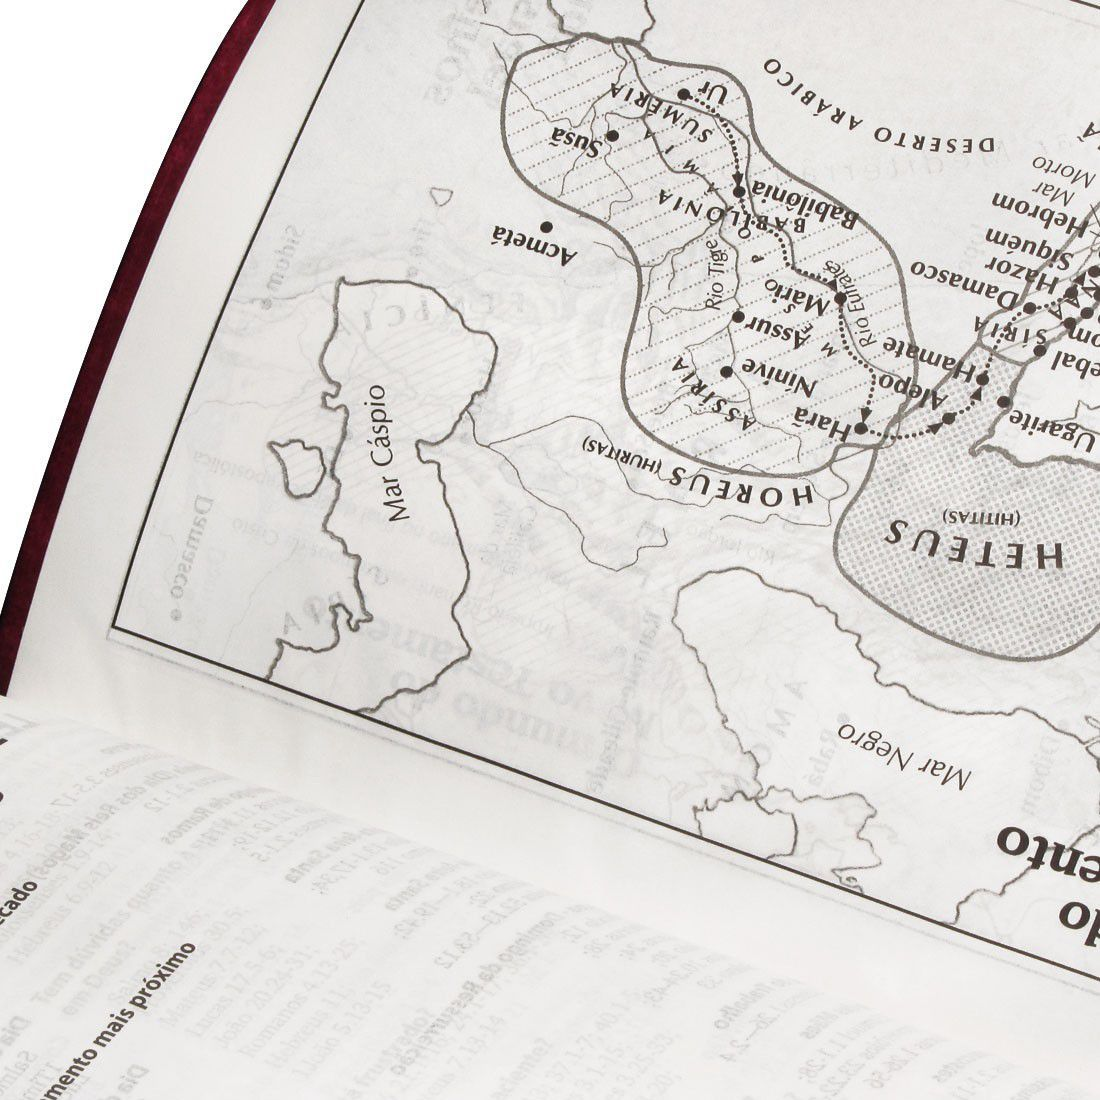 Bíblia Sagrada Letra Gigante - Capa Couro - Cor Púrpura Nobre Luxo